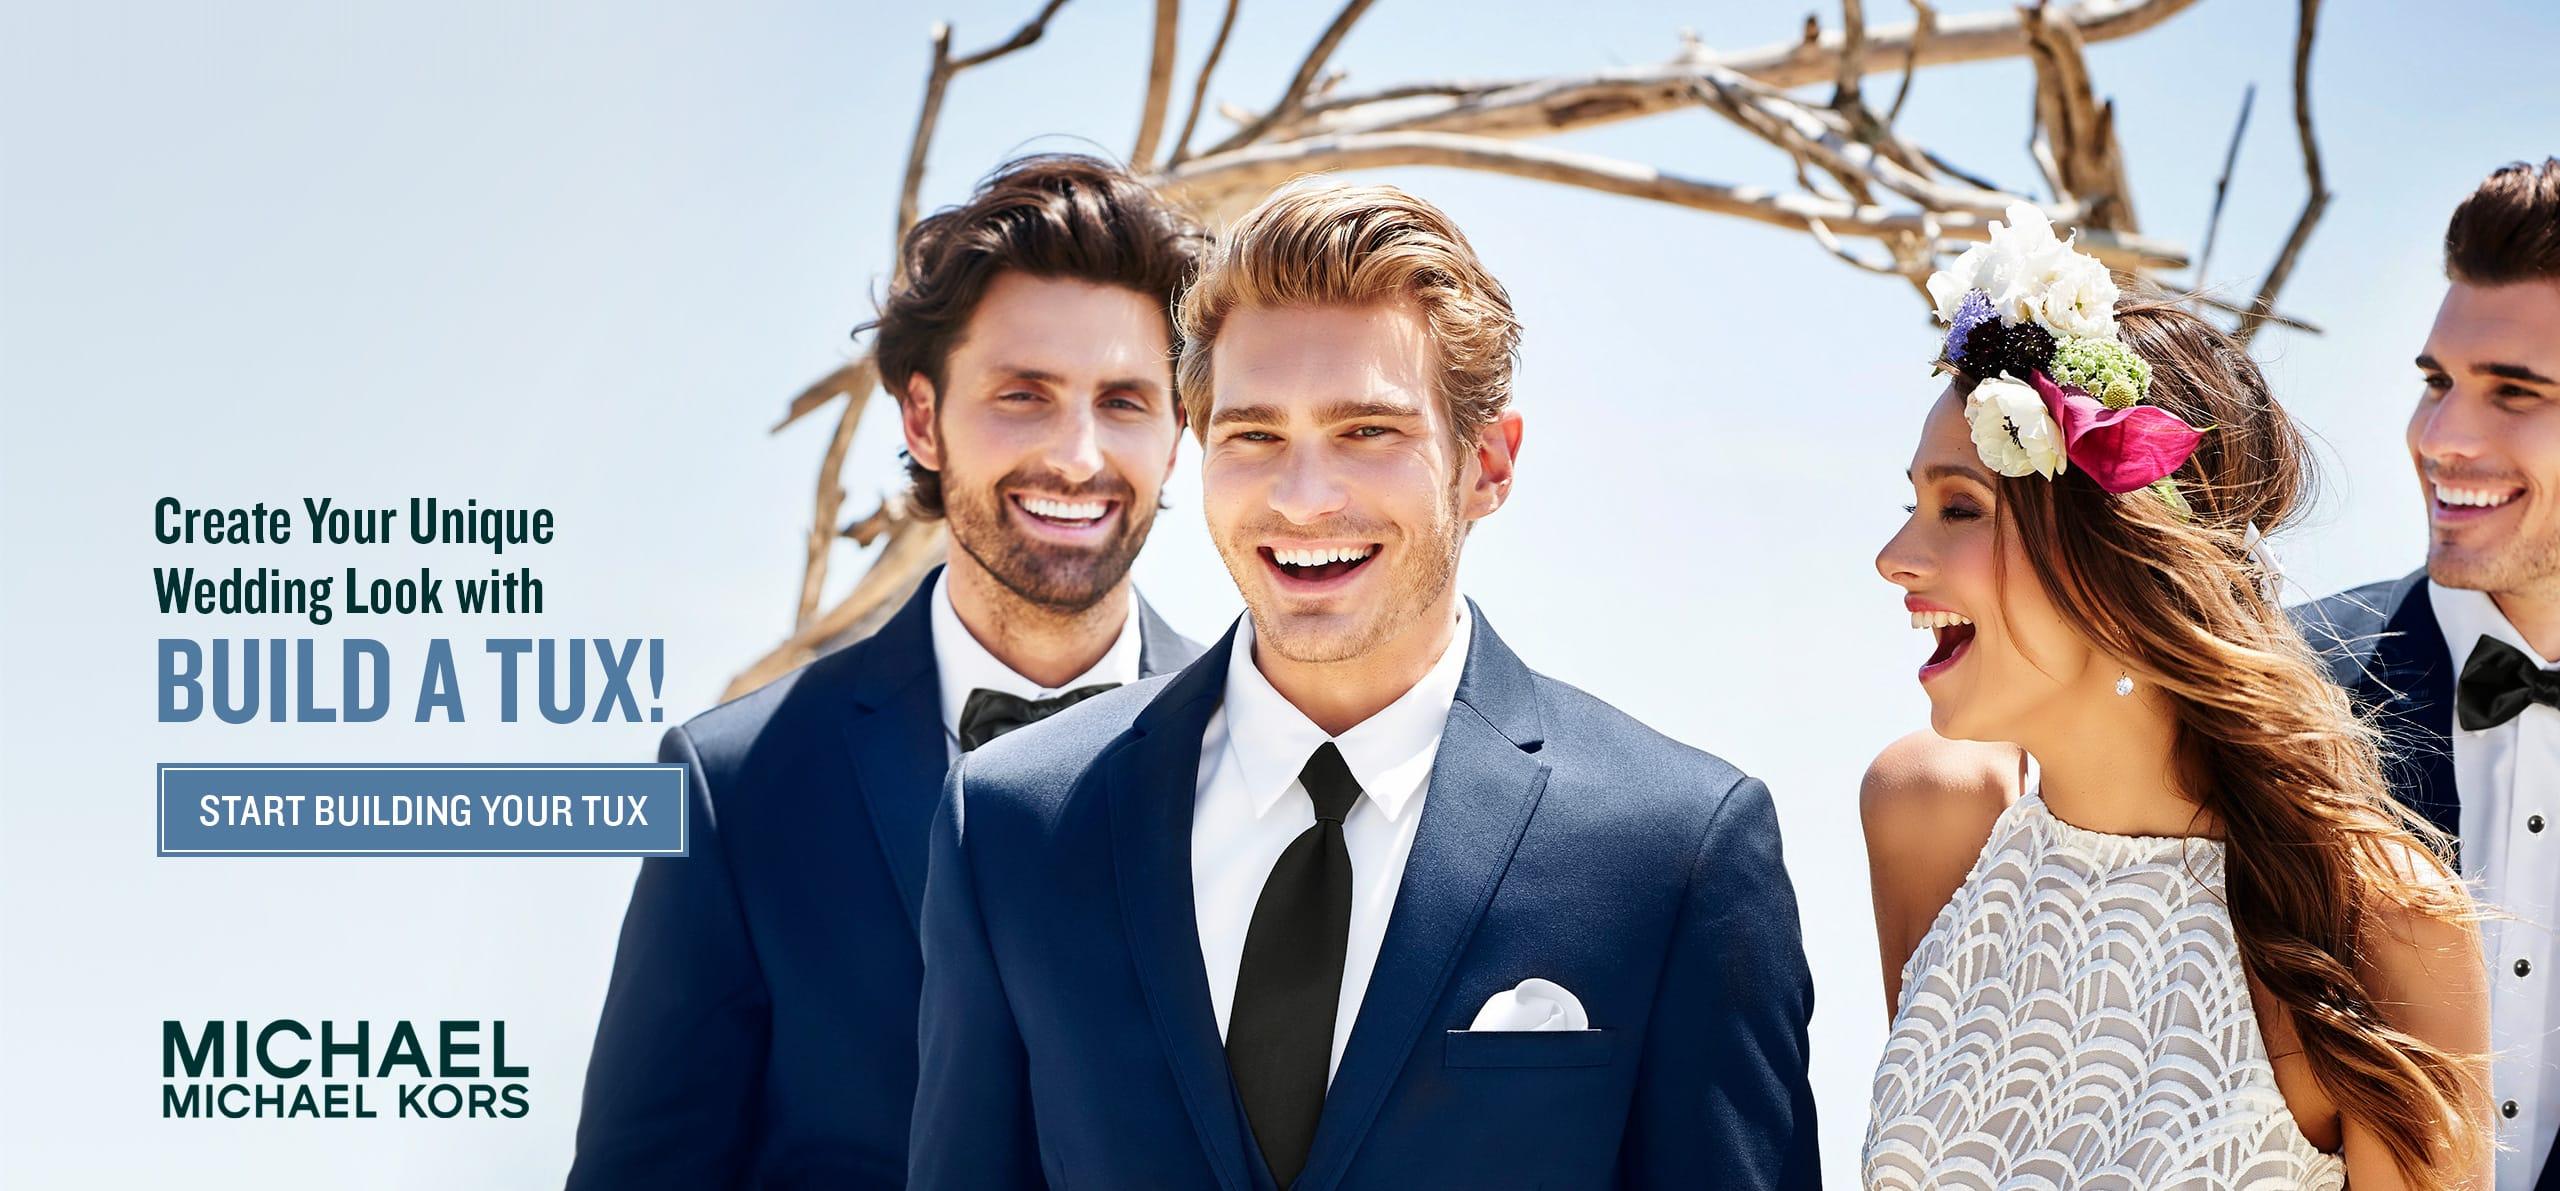 Formal day wear wedding